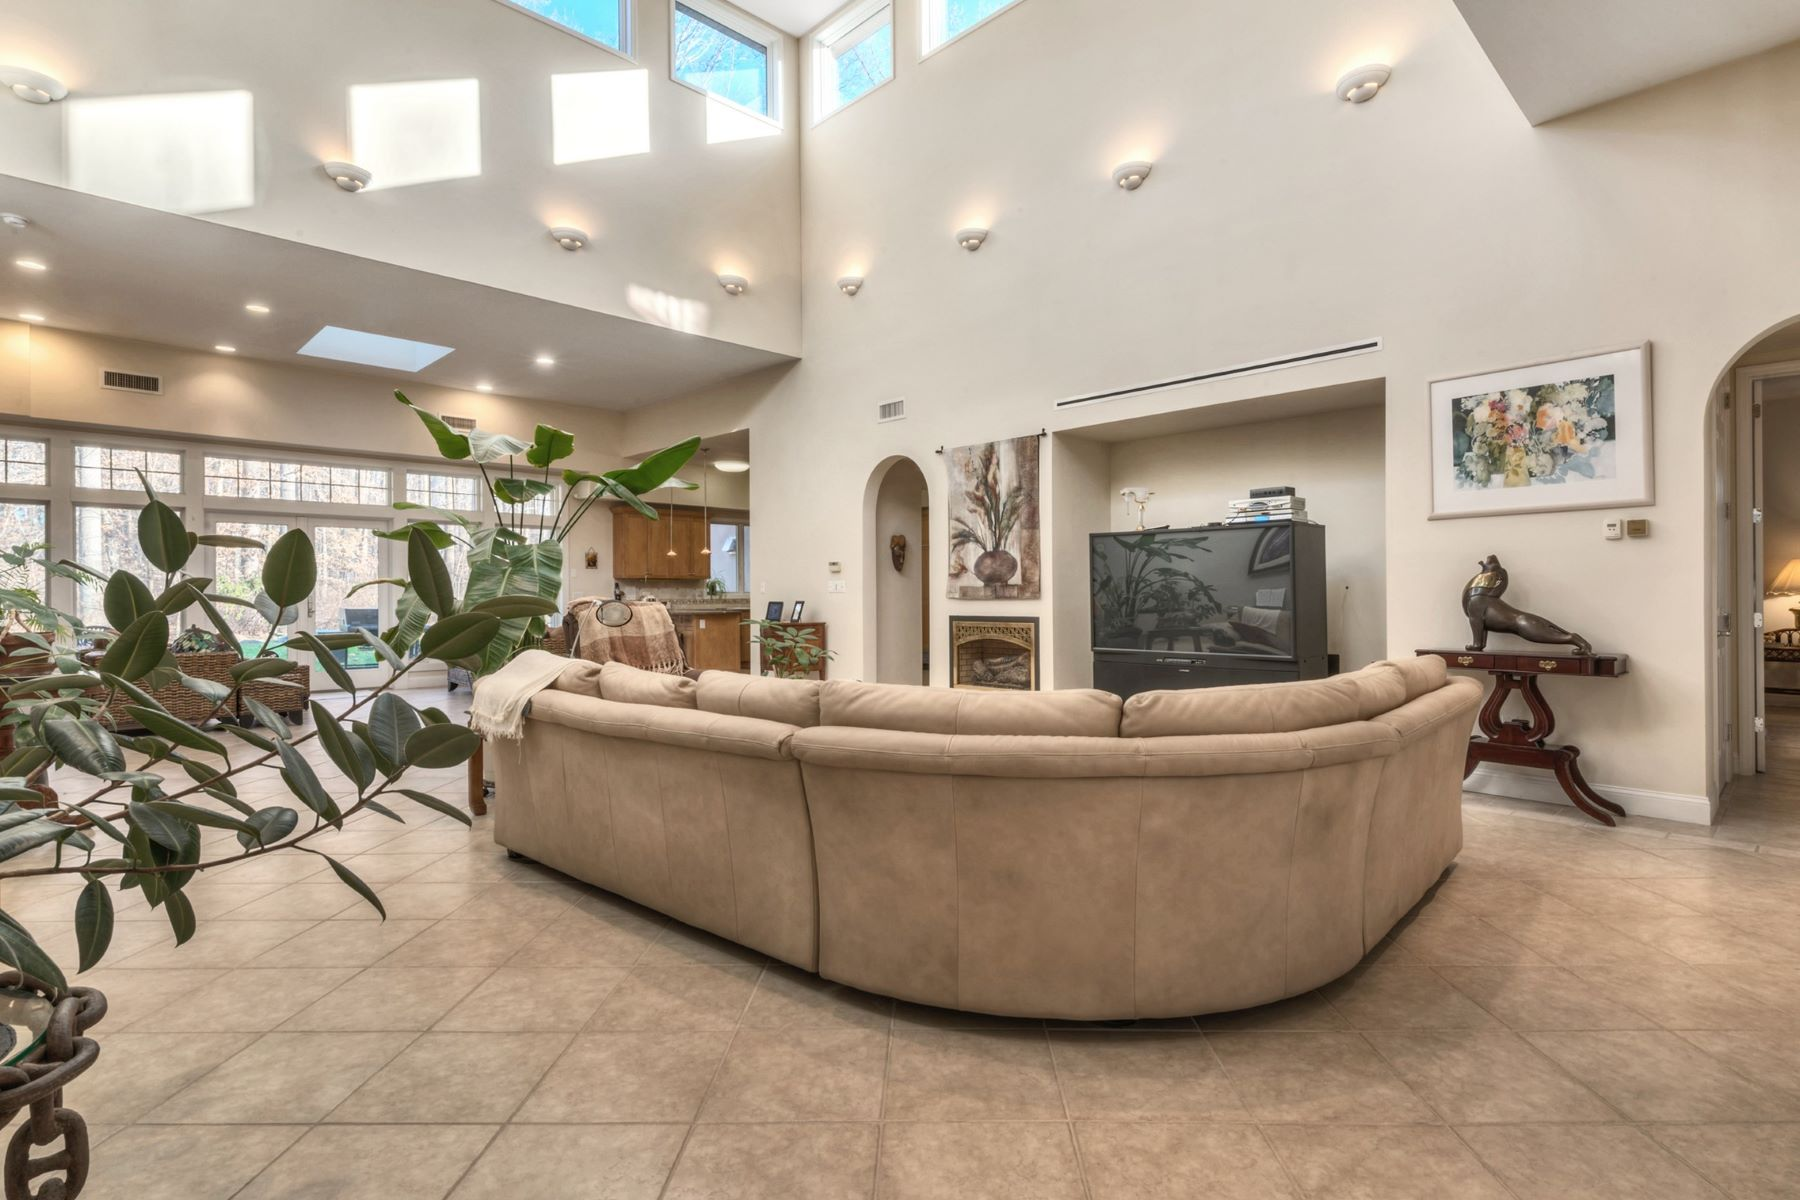 Casa Unifamiliar por un Venta en Custom Contemporary 23 Heyhoe Woods Rd. Palisades, Nueva York, 10964 Estados Unidos